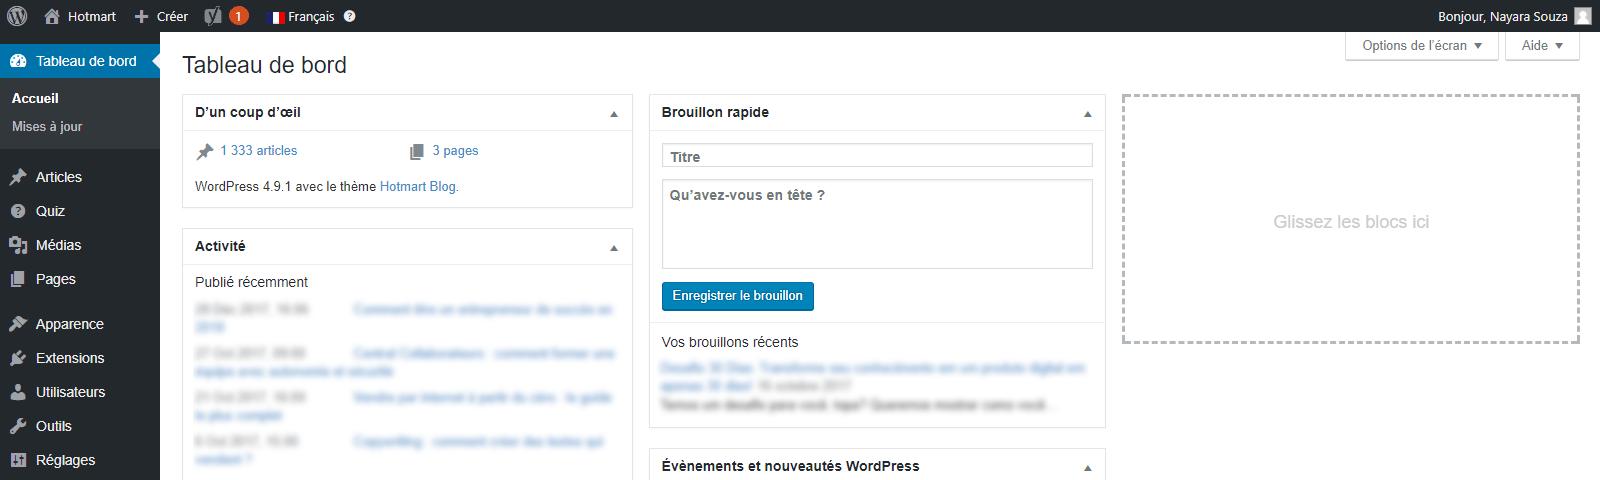 Créer un blog - Capture d'écran de la page tableau de bord du wordpress